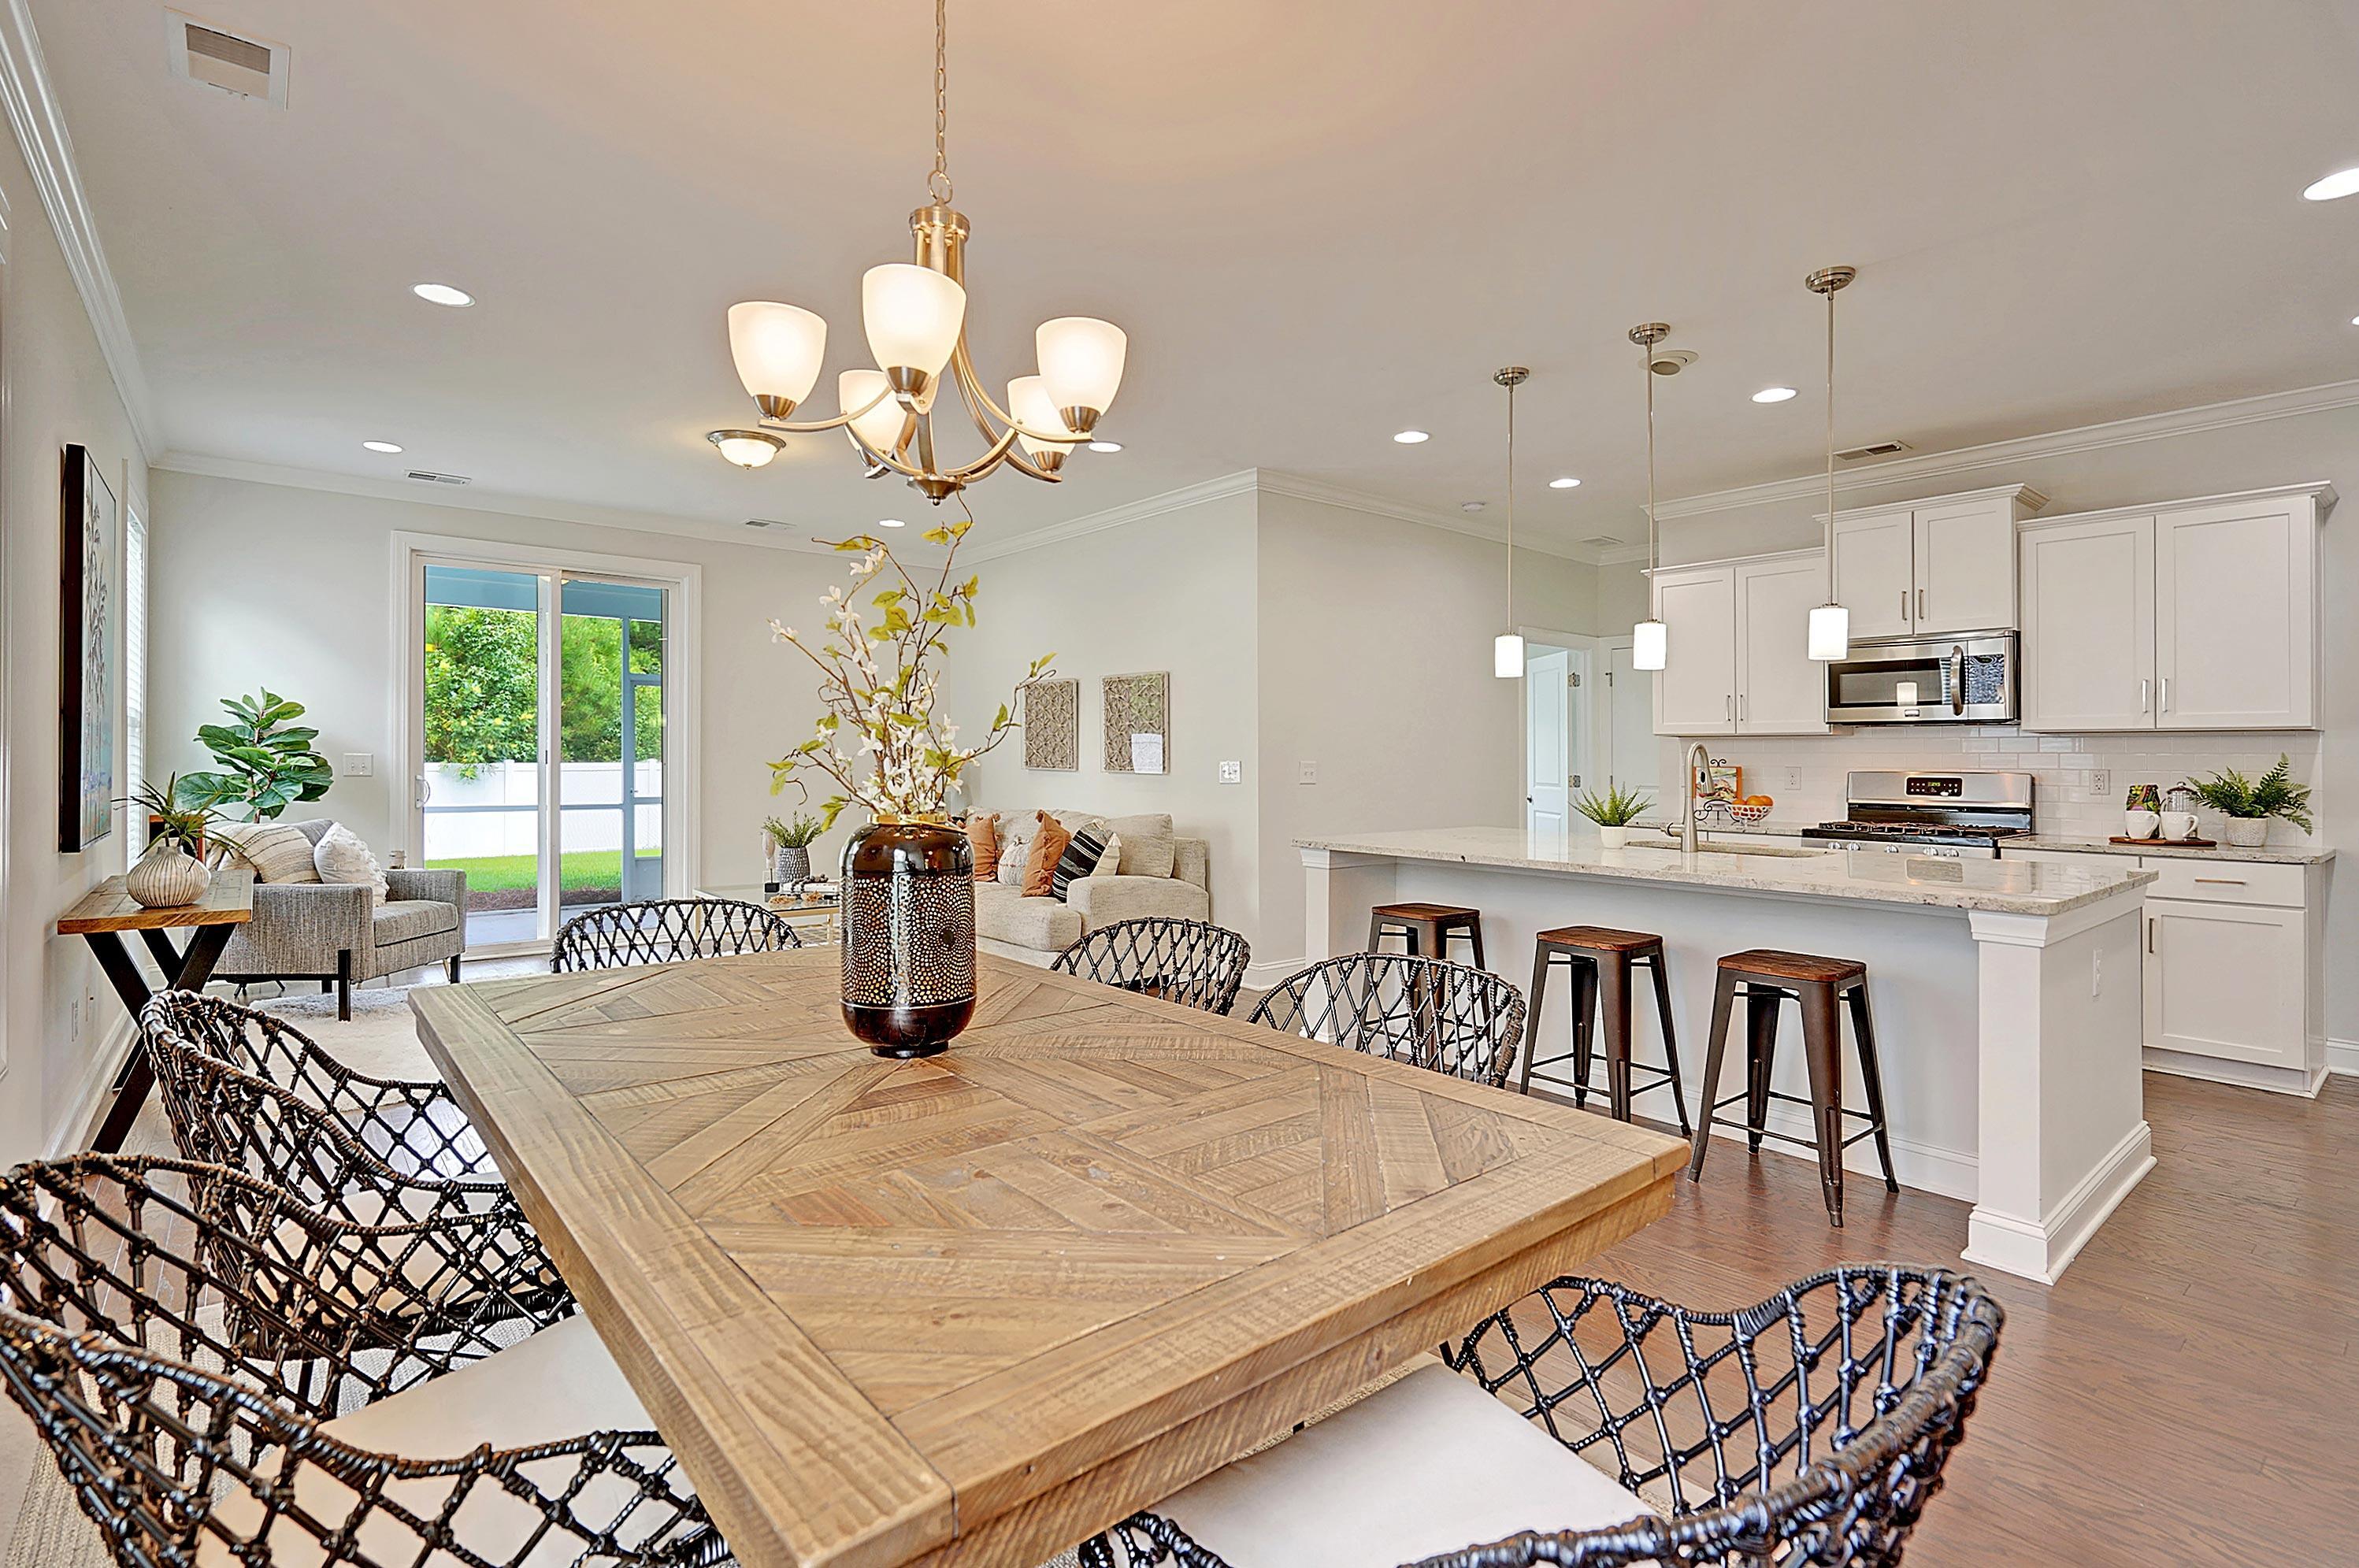 Park West Homes For Sale - 1638 Mermentau, Mount Pleasant, SC - 8